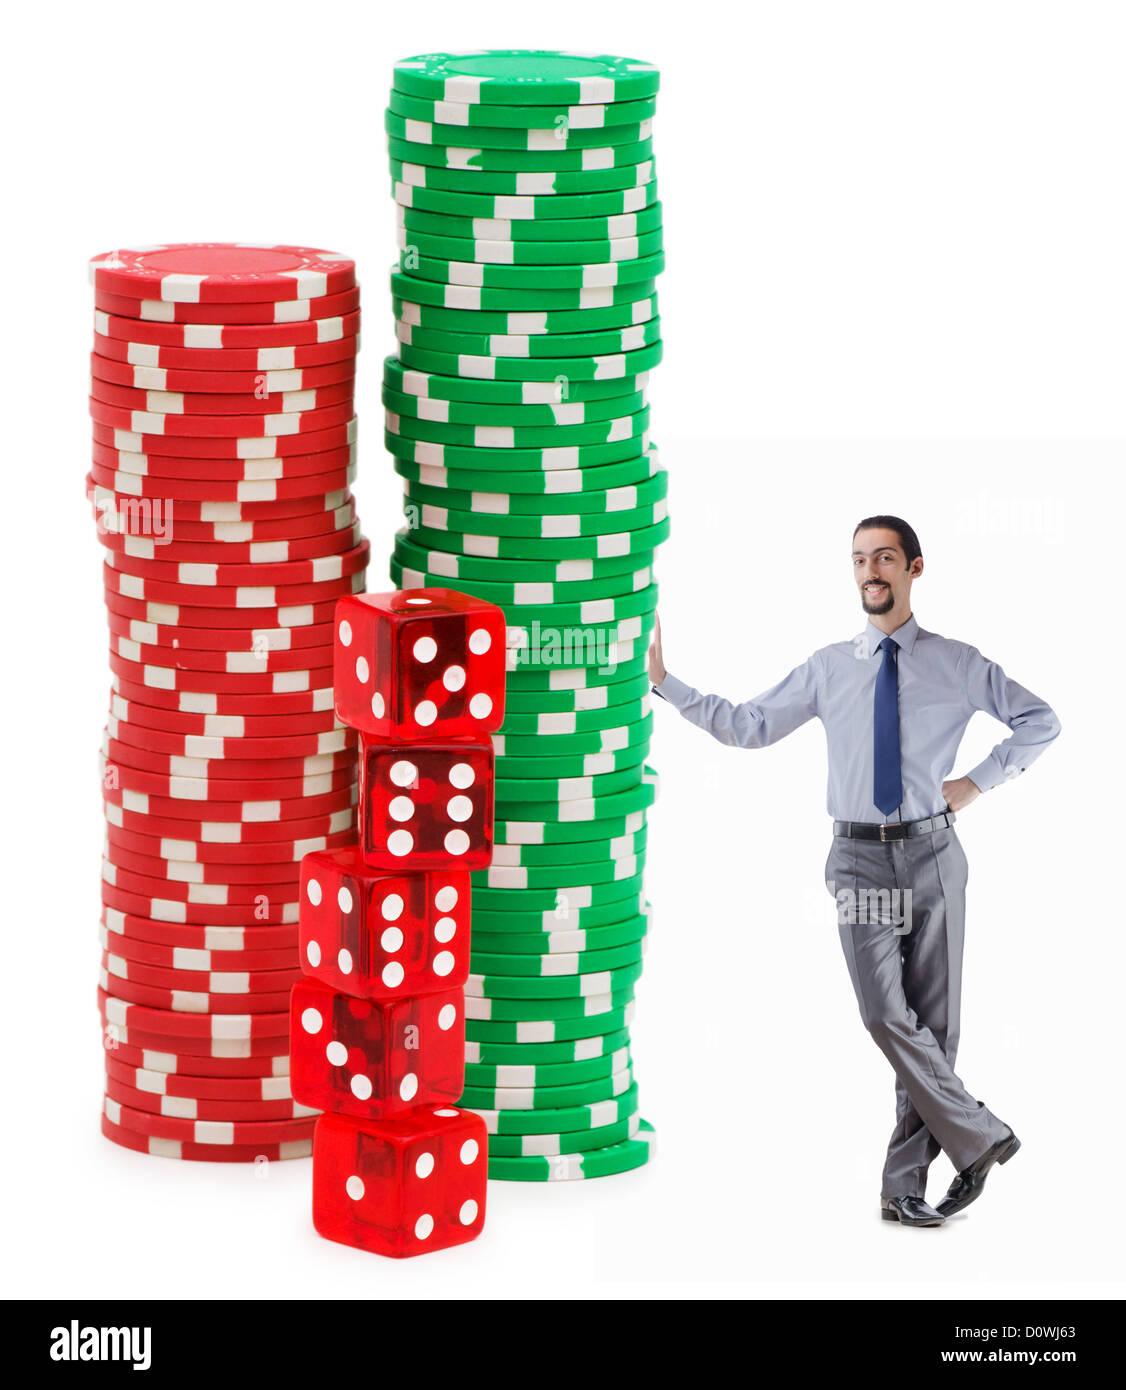 casino gratis sin deposito españa